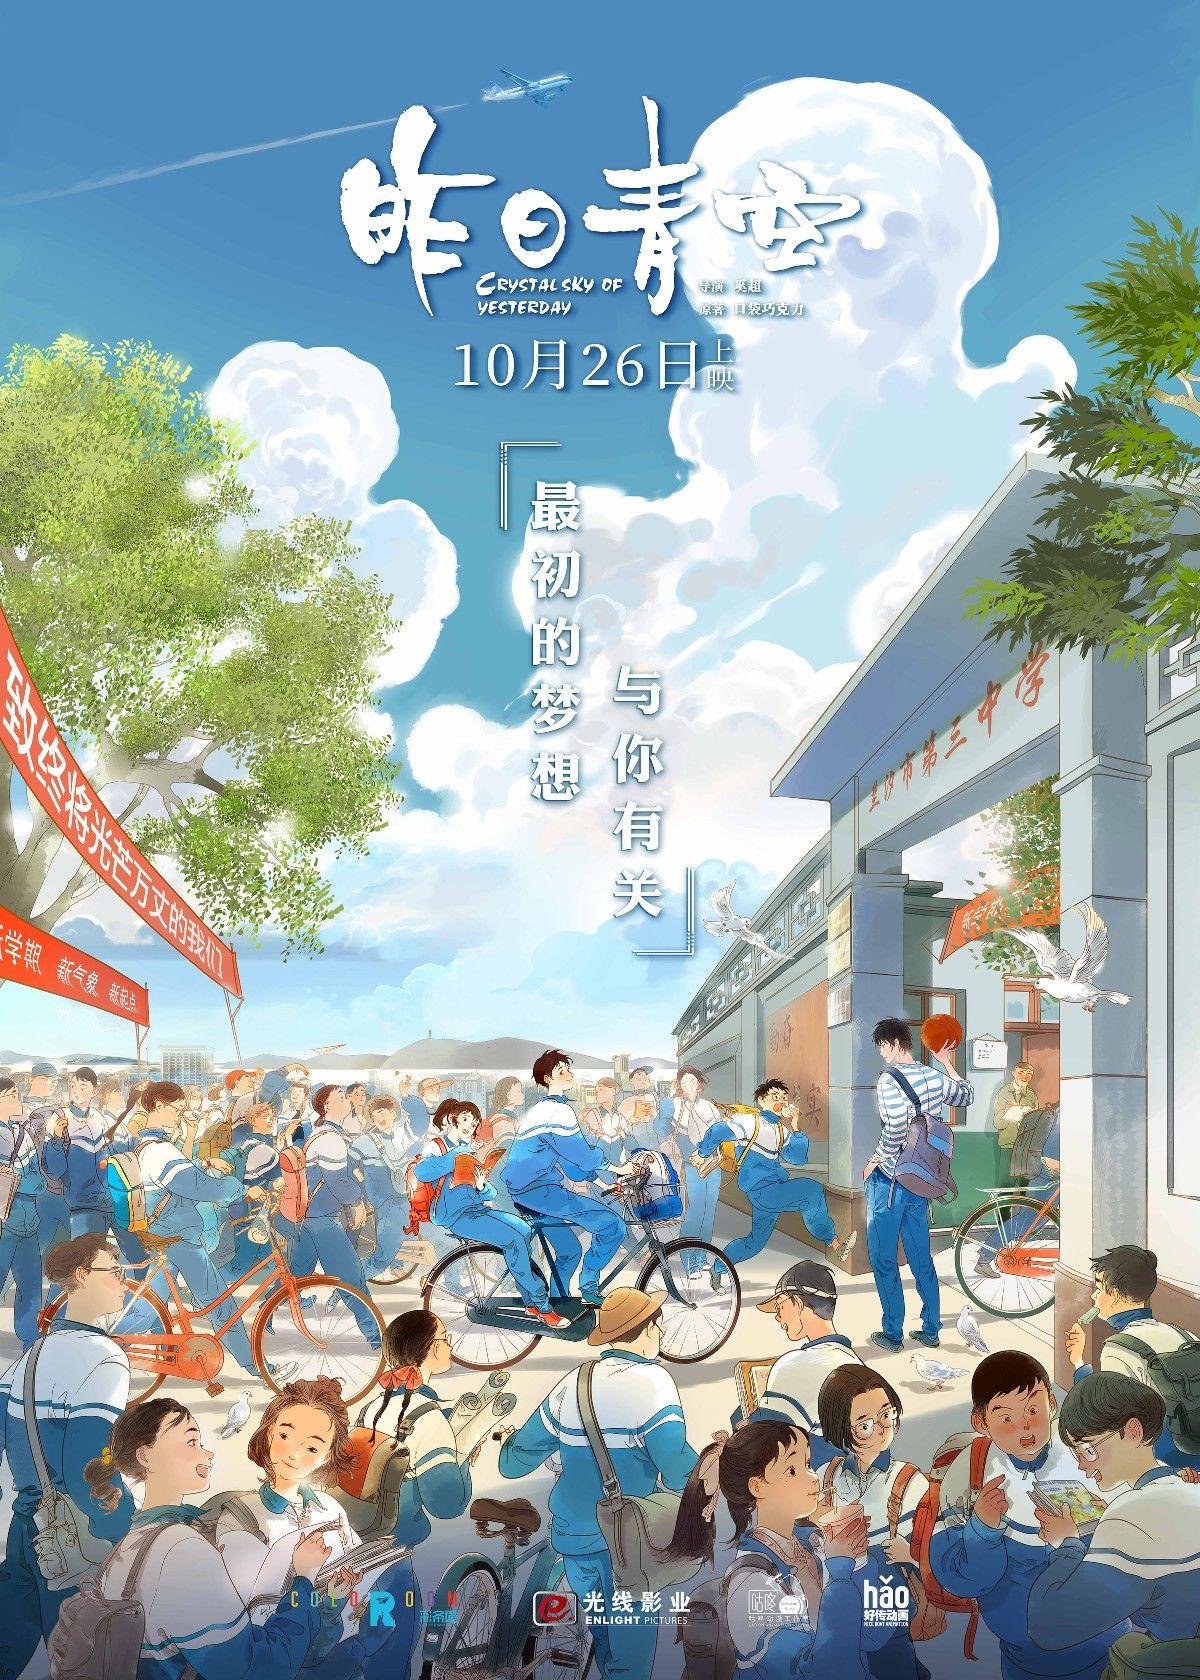 昨日青空 (2018) 中国首部青春题材动画电影《昨日青空》将于2018年暑期全国上映。该片改编自口袋巧克力同名人气